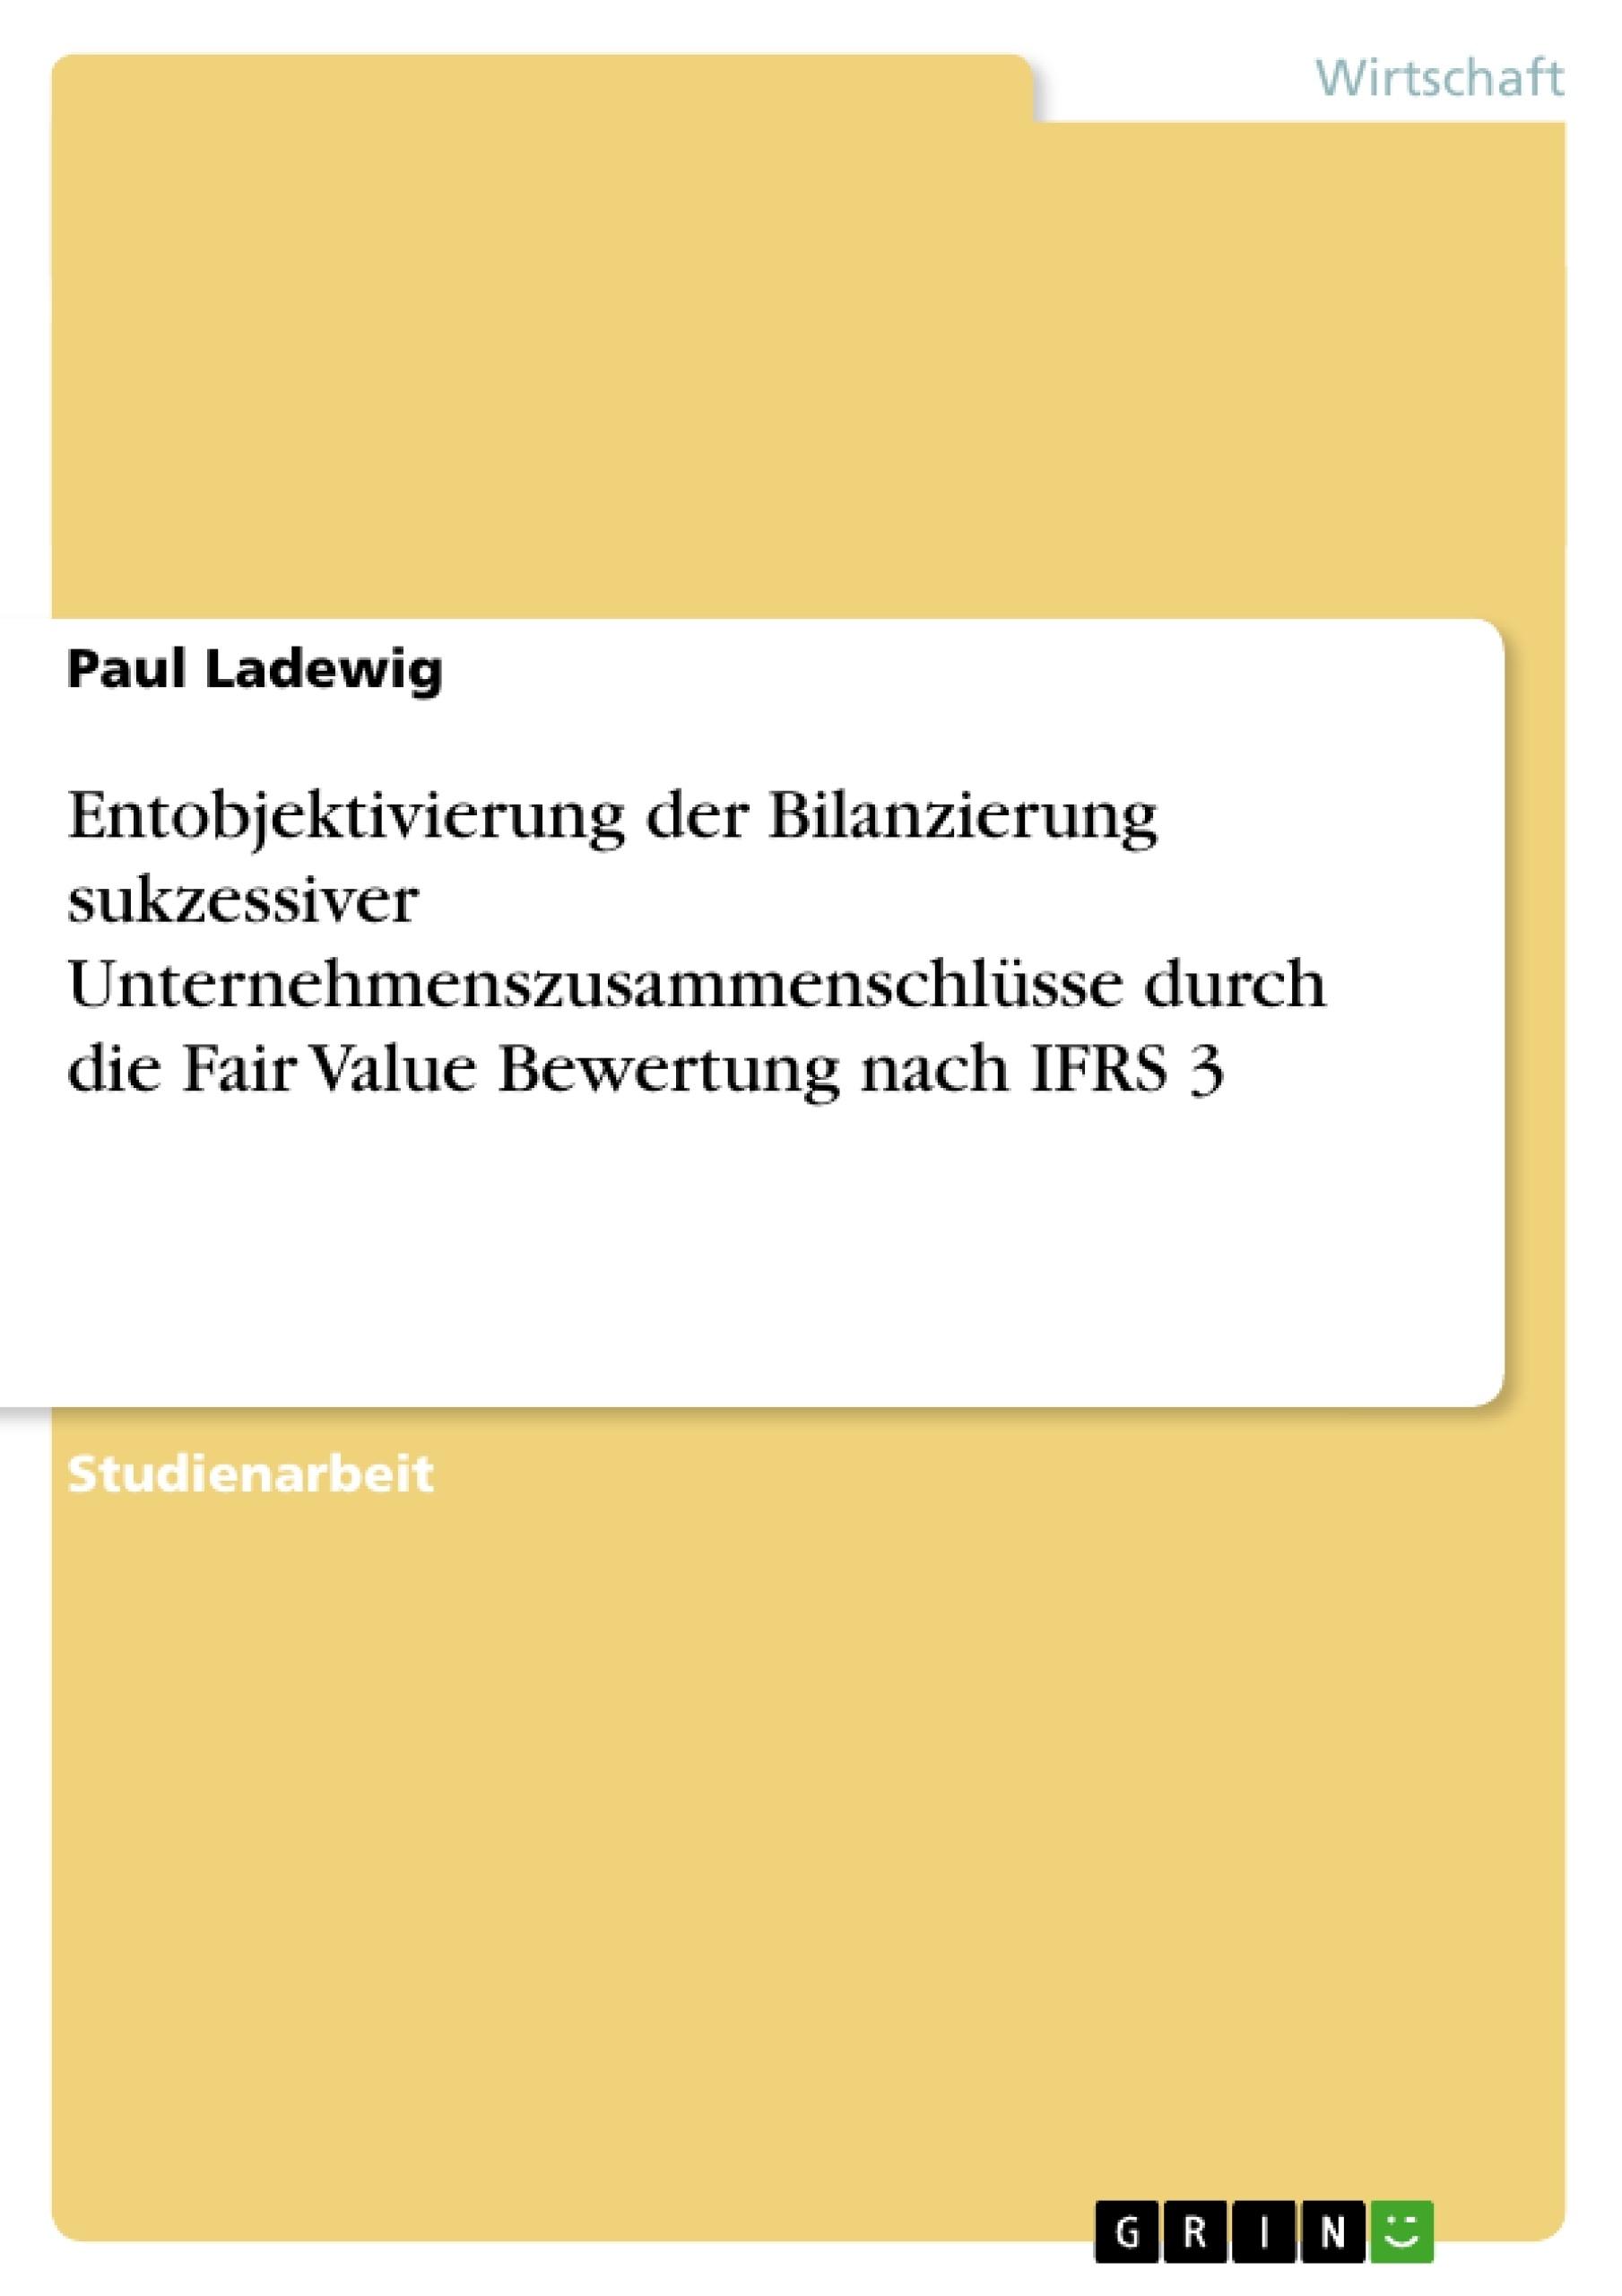 Titel: Entobjektivierung der Bilanzierung sukzessiver Unternehmenszusammenschlüsse durch die Fair Value Bewertung nach IFRS 3